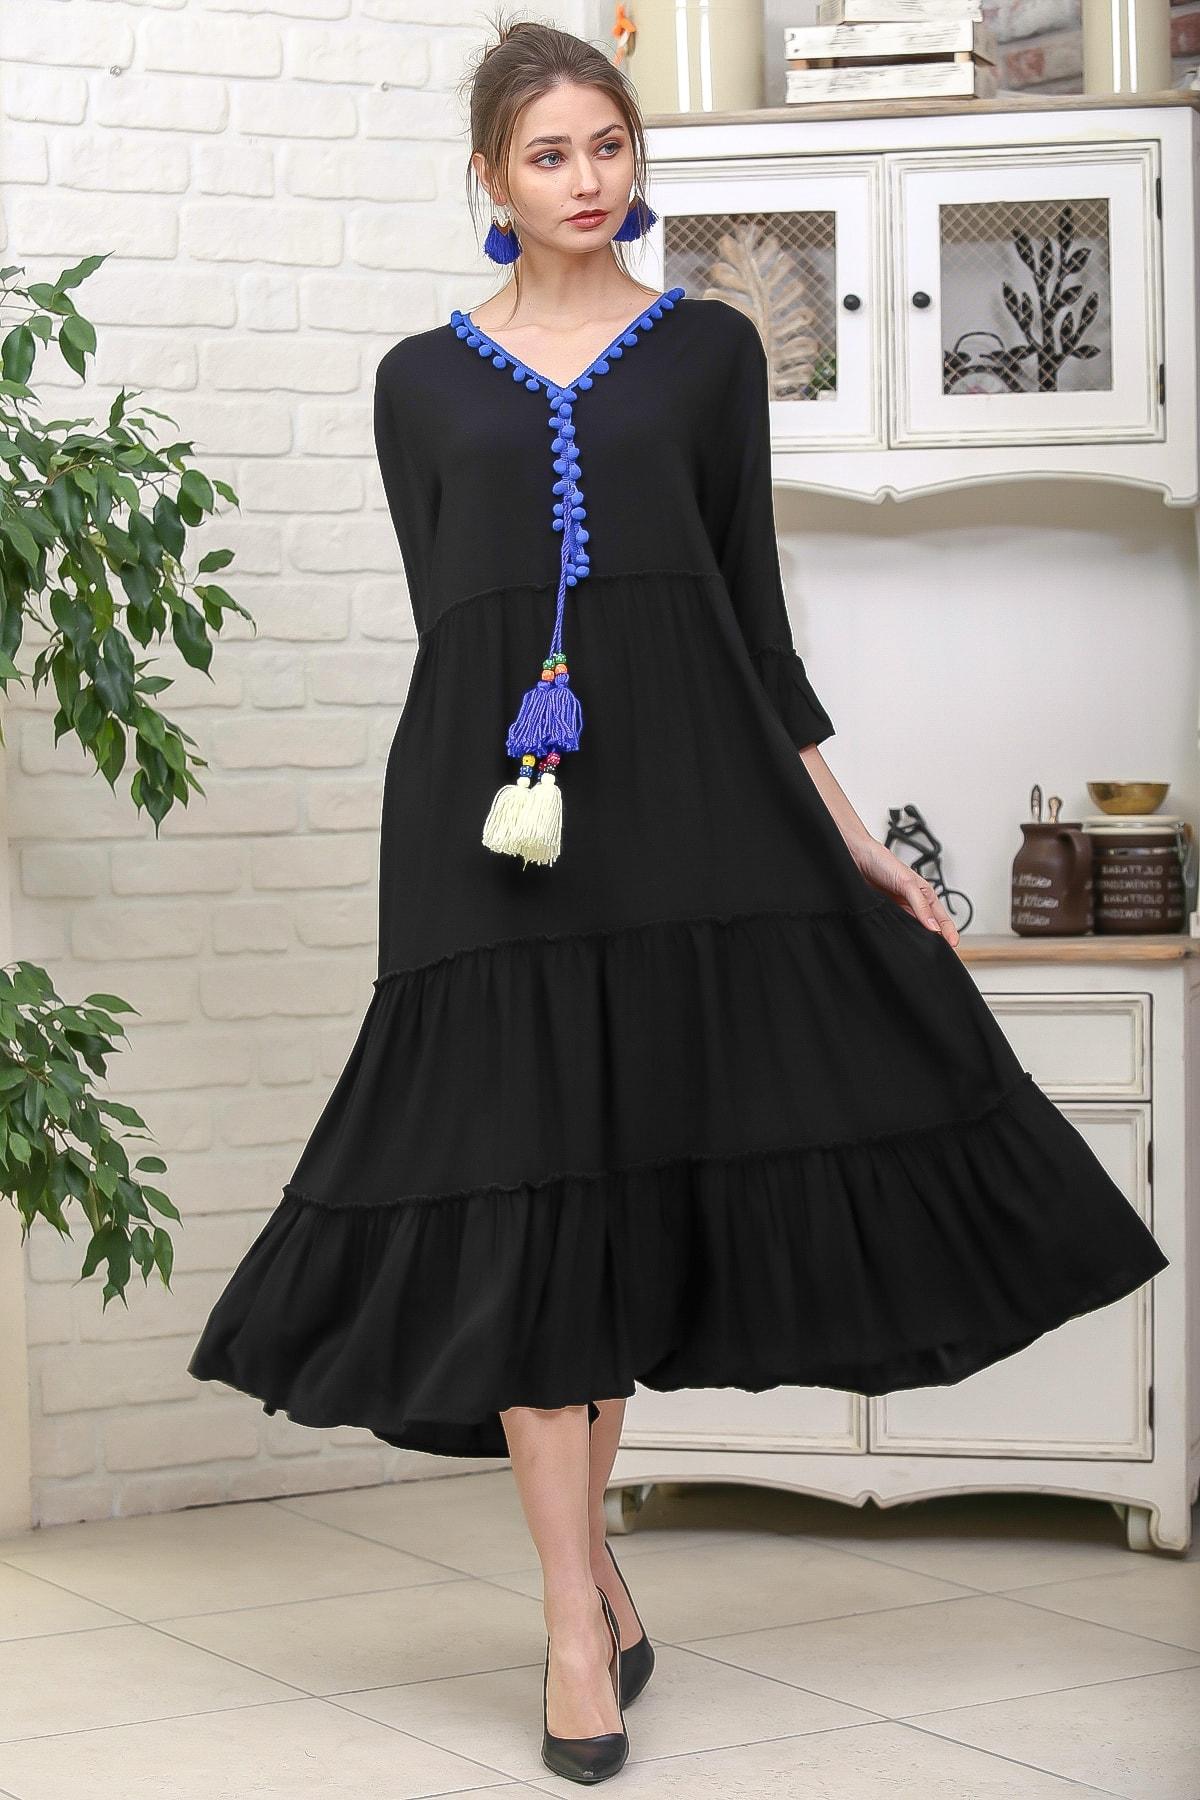 Chiccy Kadın Siyah-Mavi V Yaka Ponpon Detaylı Püsküllü Bağcıklı Salaş Dokuma Elbise M10160000EL95931 0